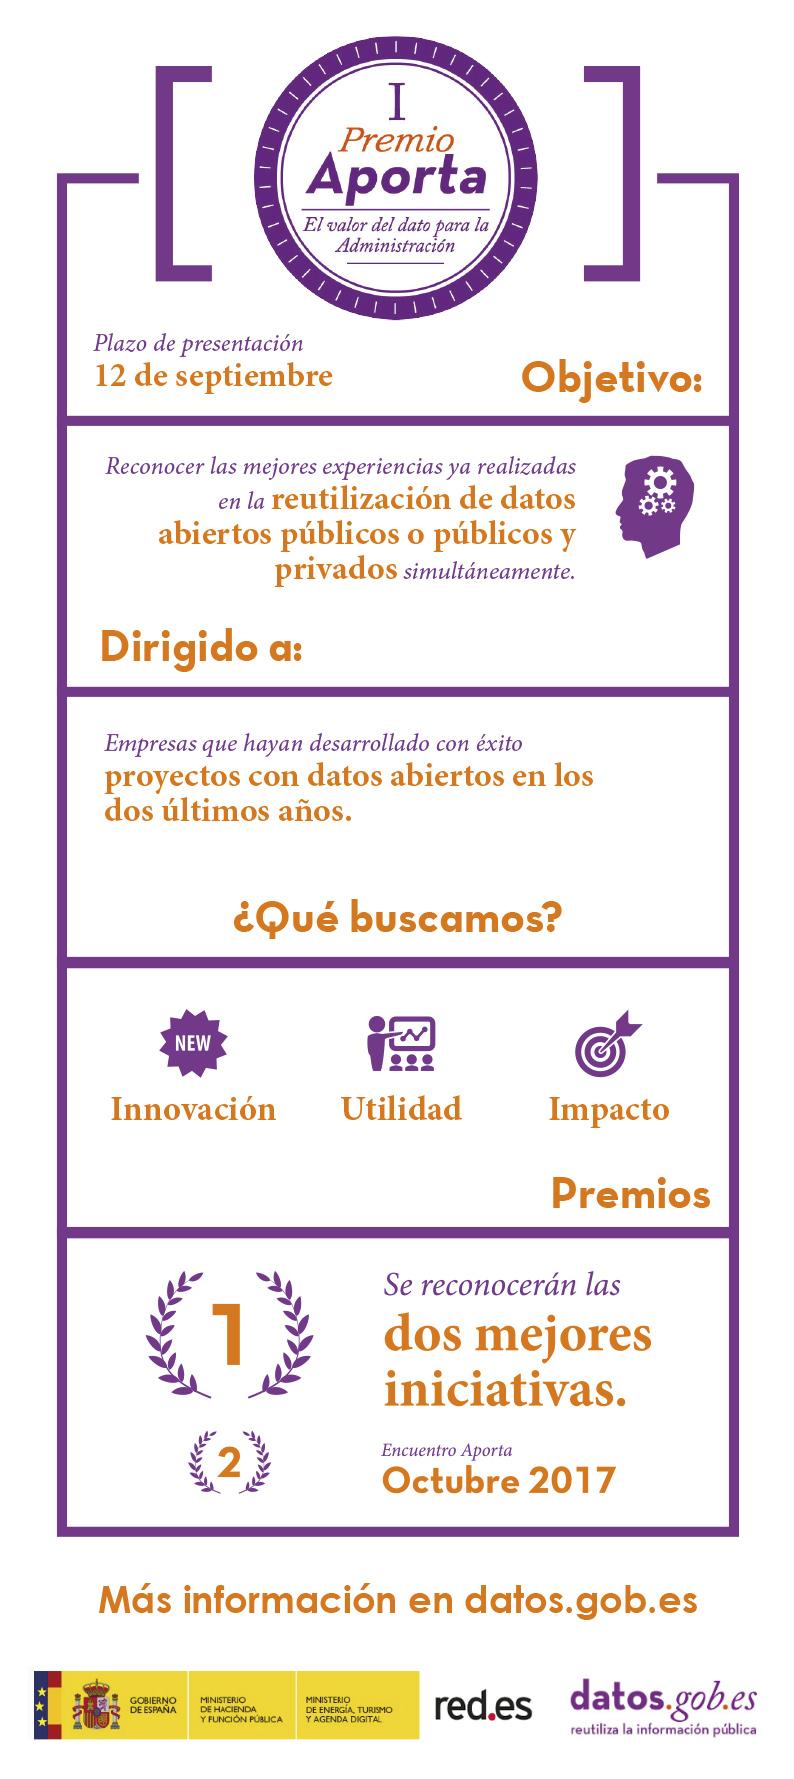 Diagrama I Premio Aporta